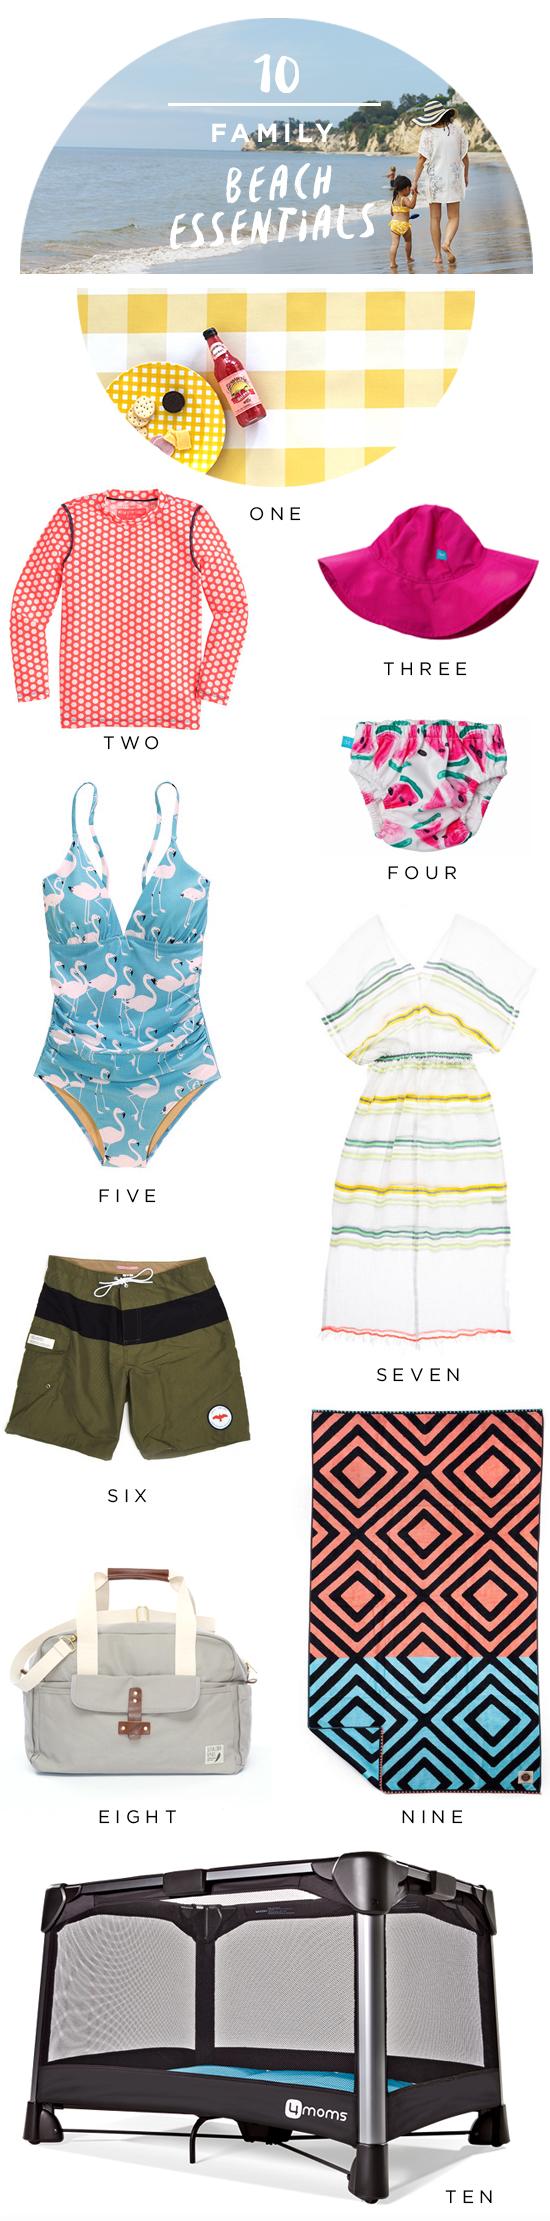 10 Family Beach Essentials